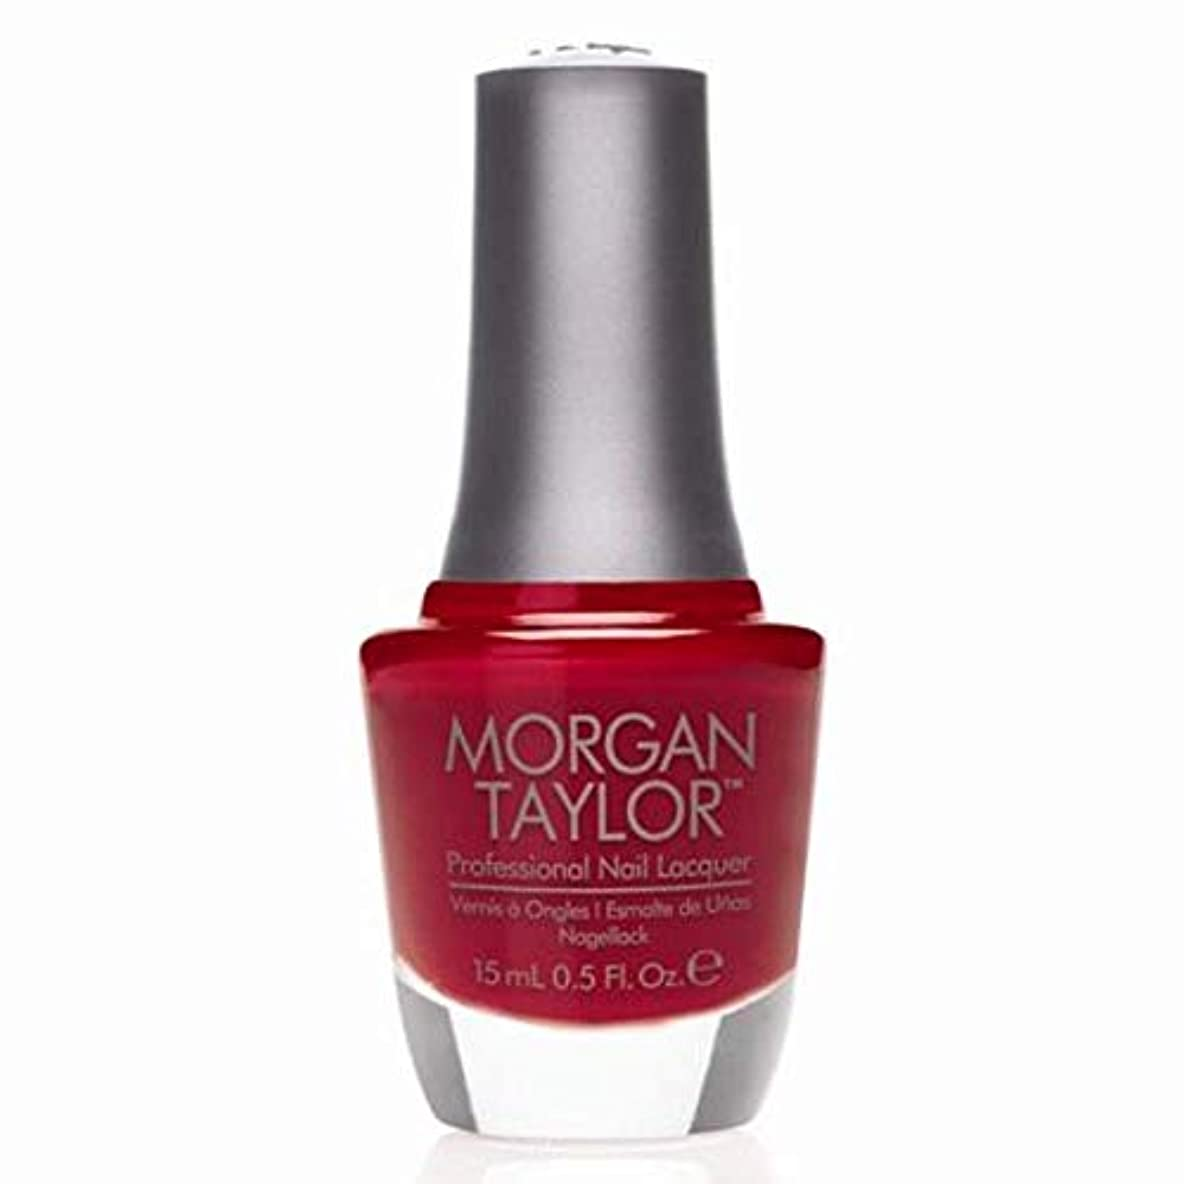 時ブラウザ移動Morgan Taylor - Professional Nail Lacquer - Man of the Moment- 15 mL/0.5oz